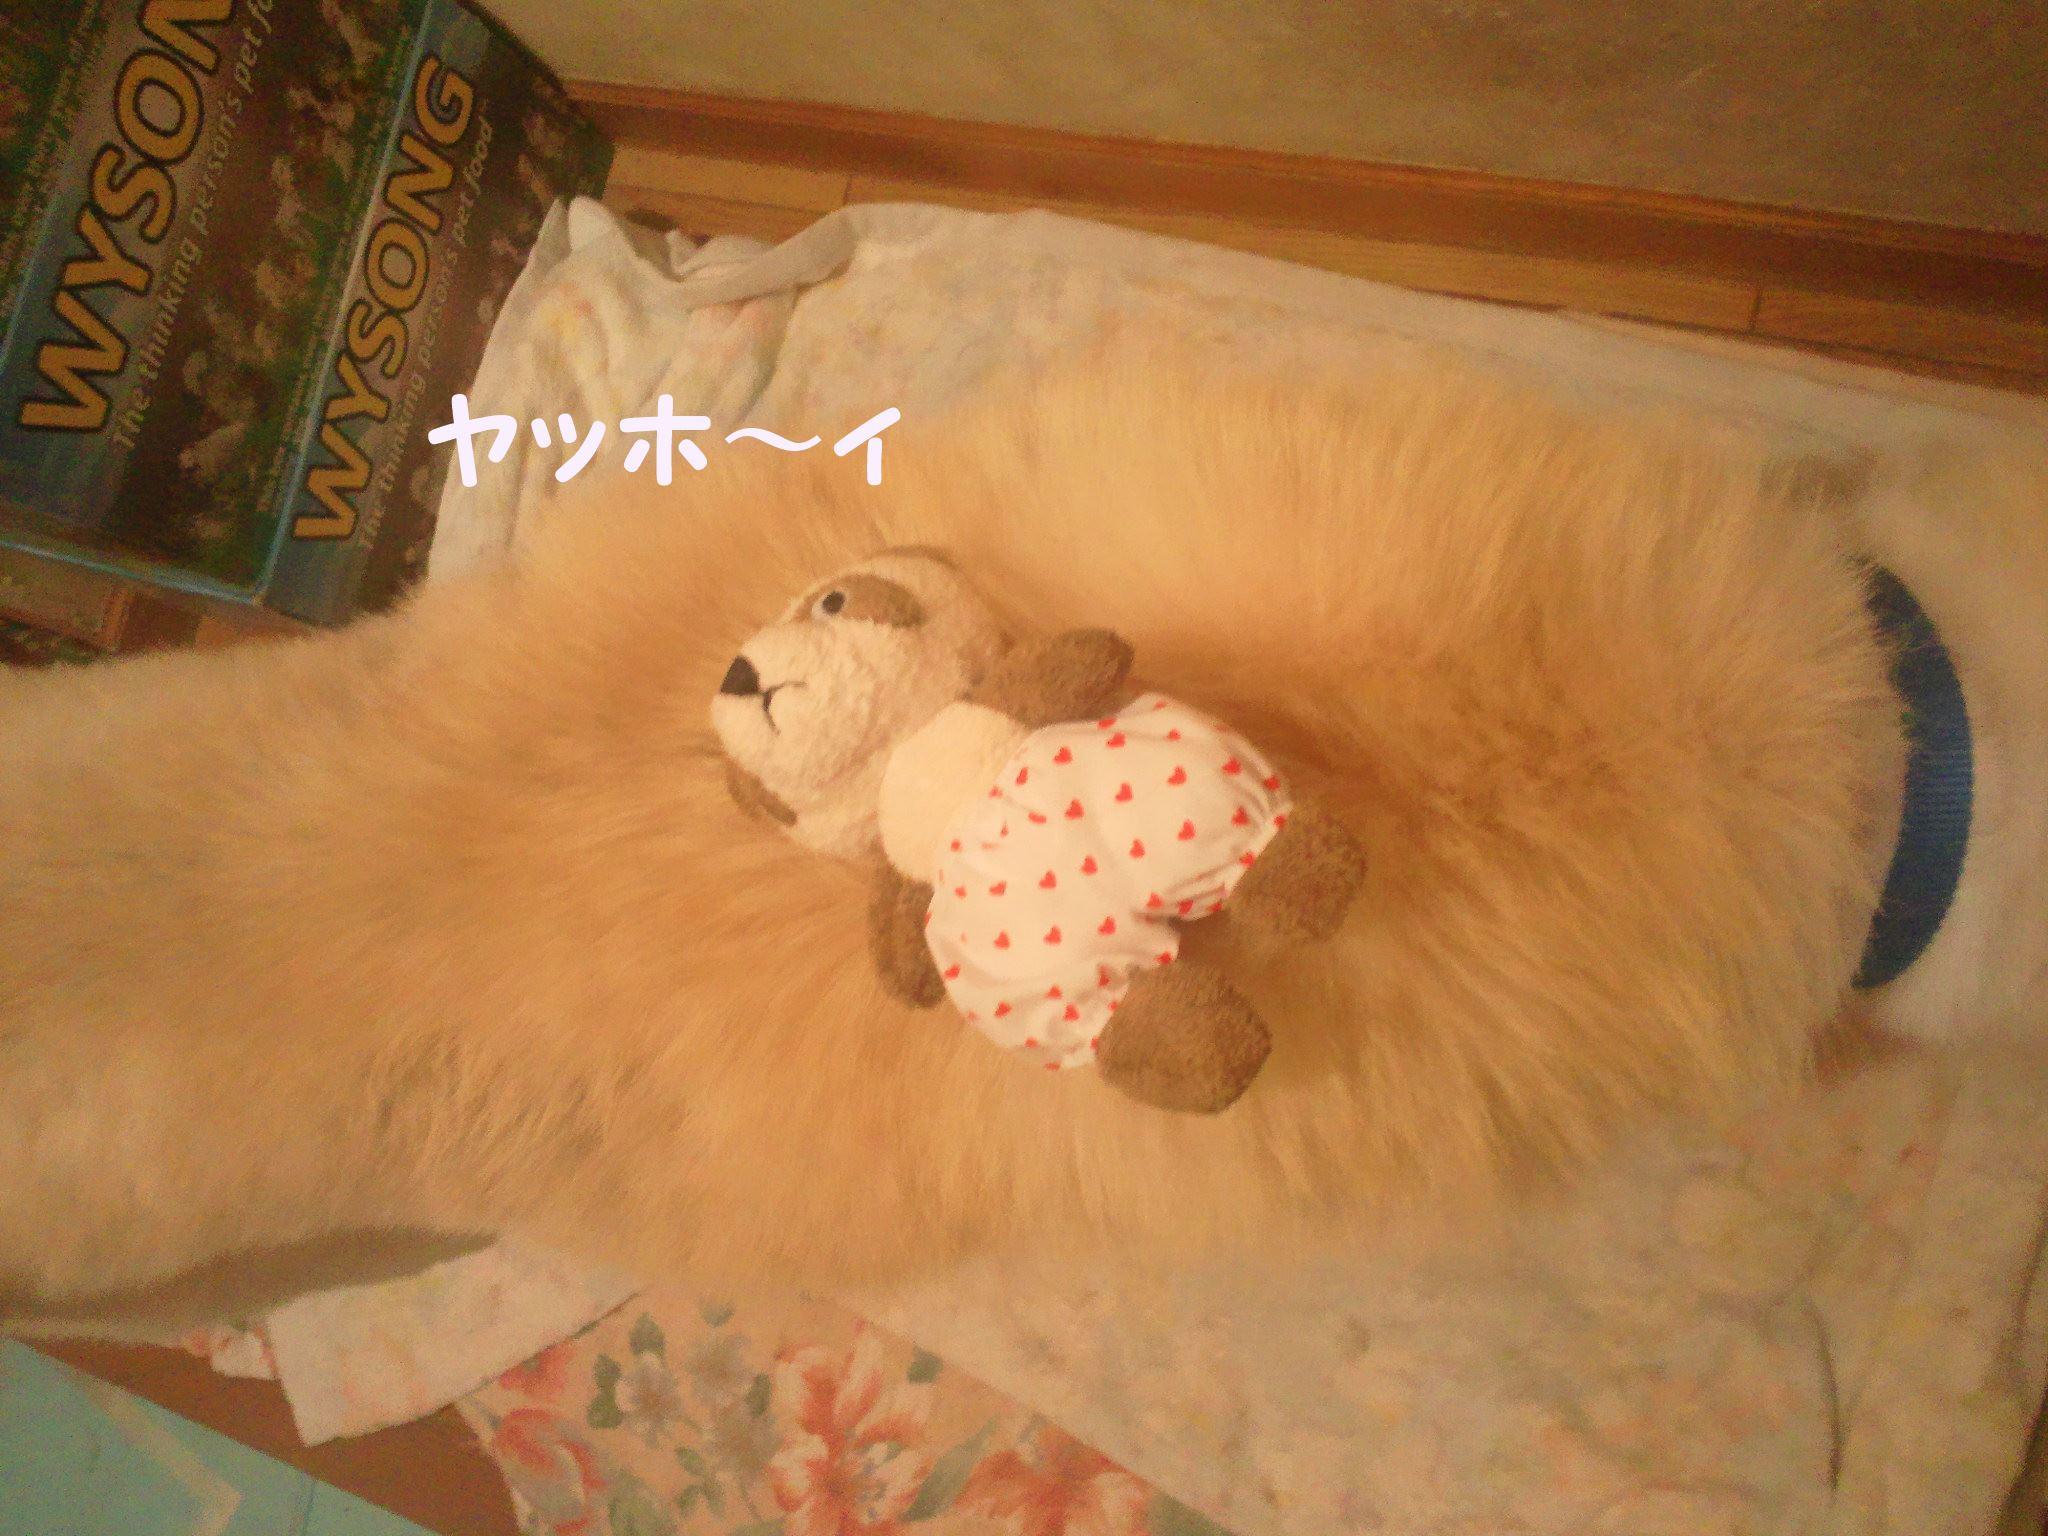 プレゼント for あおば!_f0242002_1322427.jpg